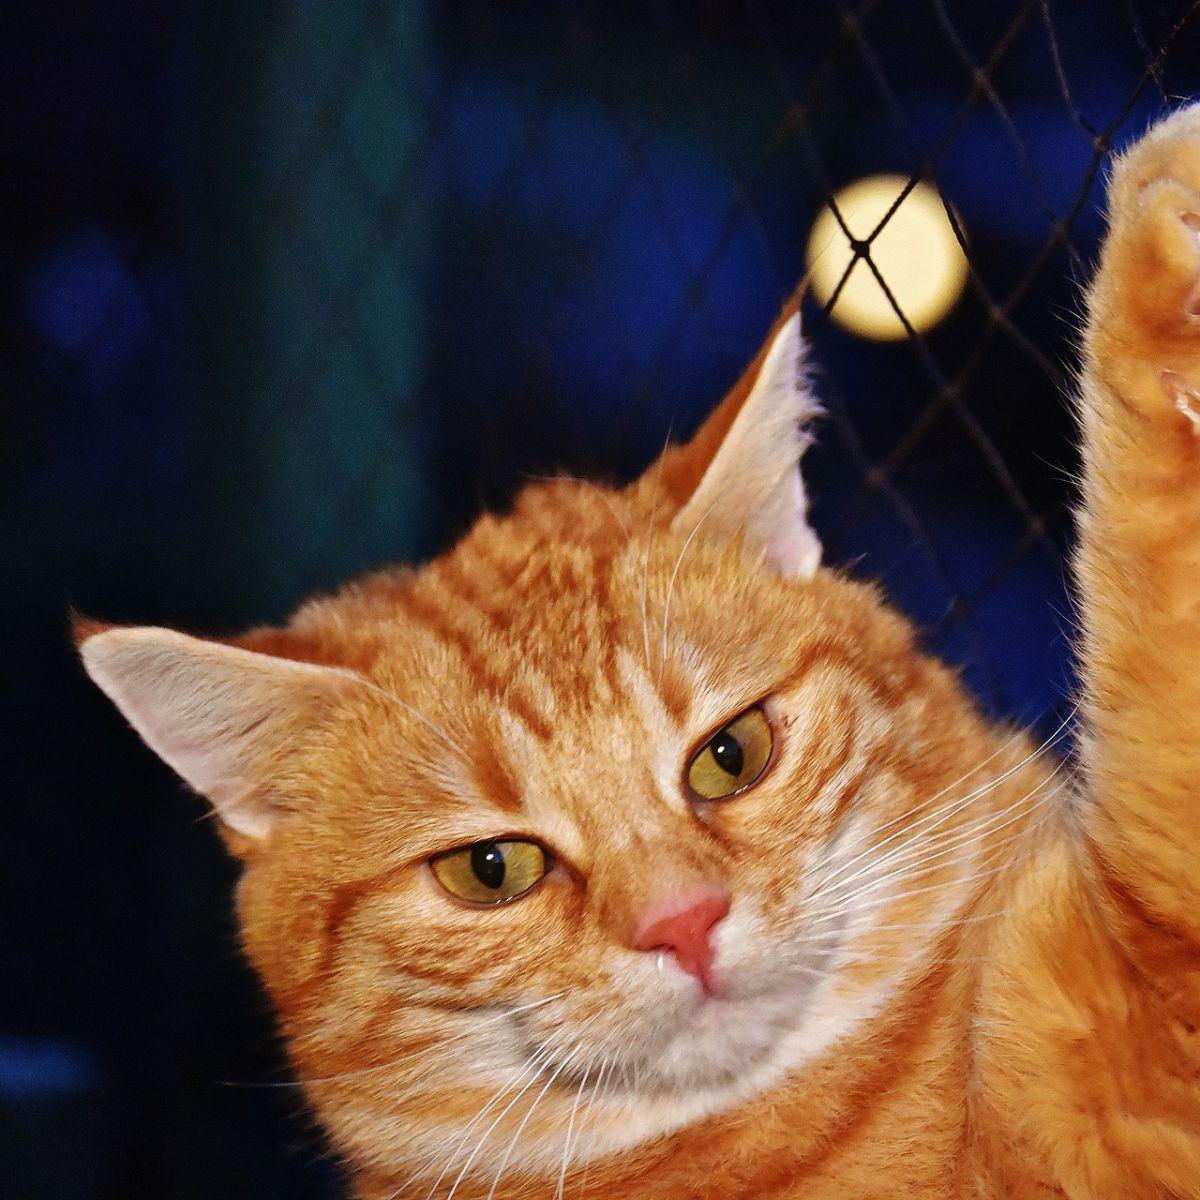 Orange cat, holding up paw